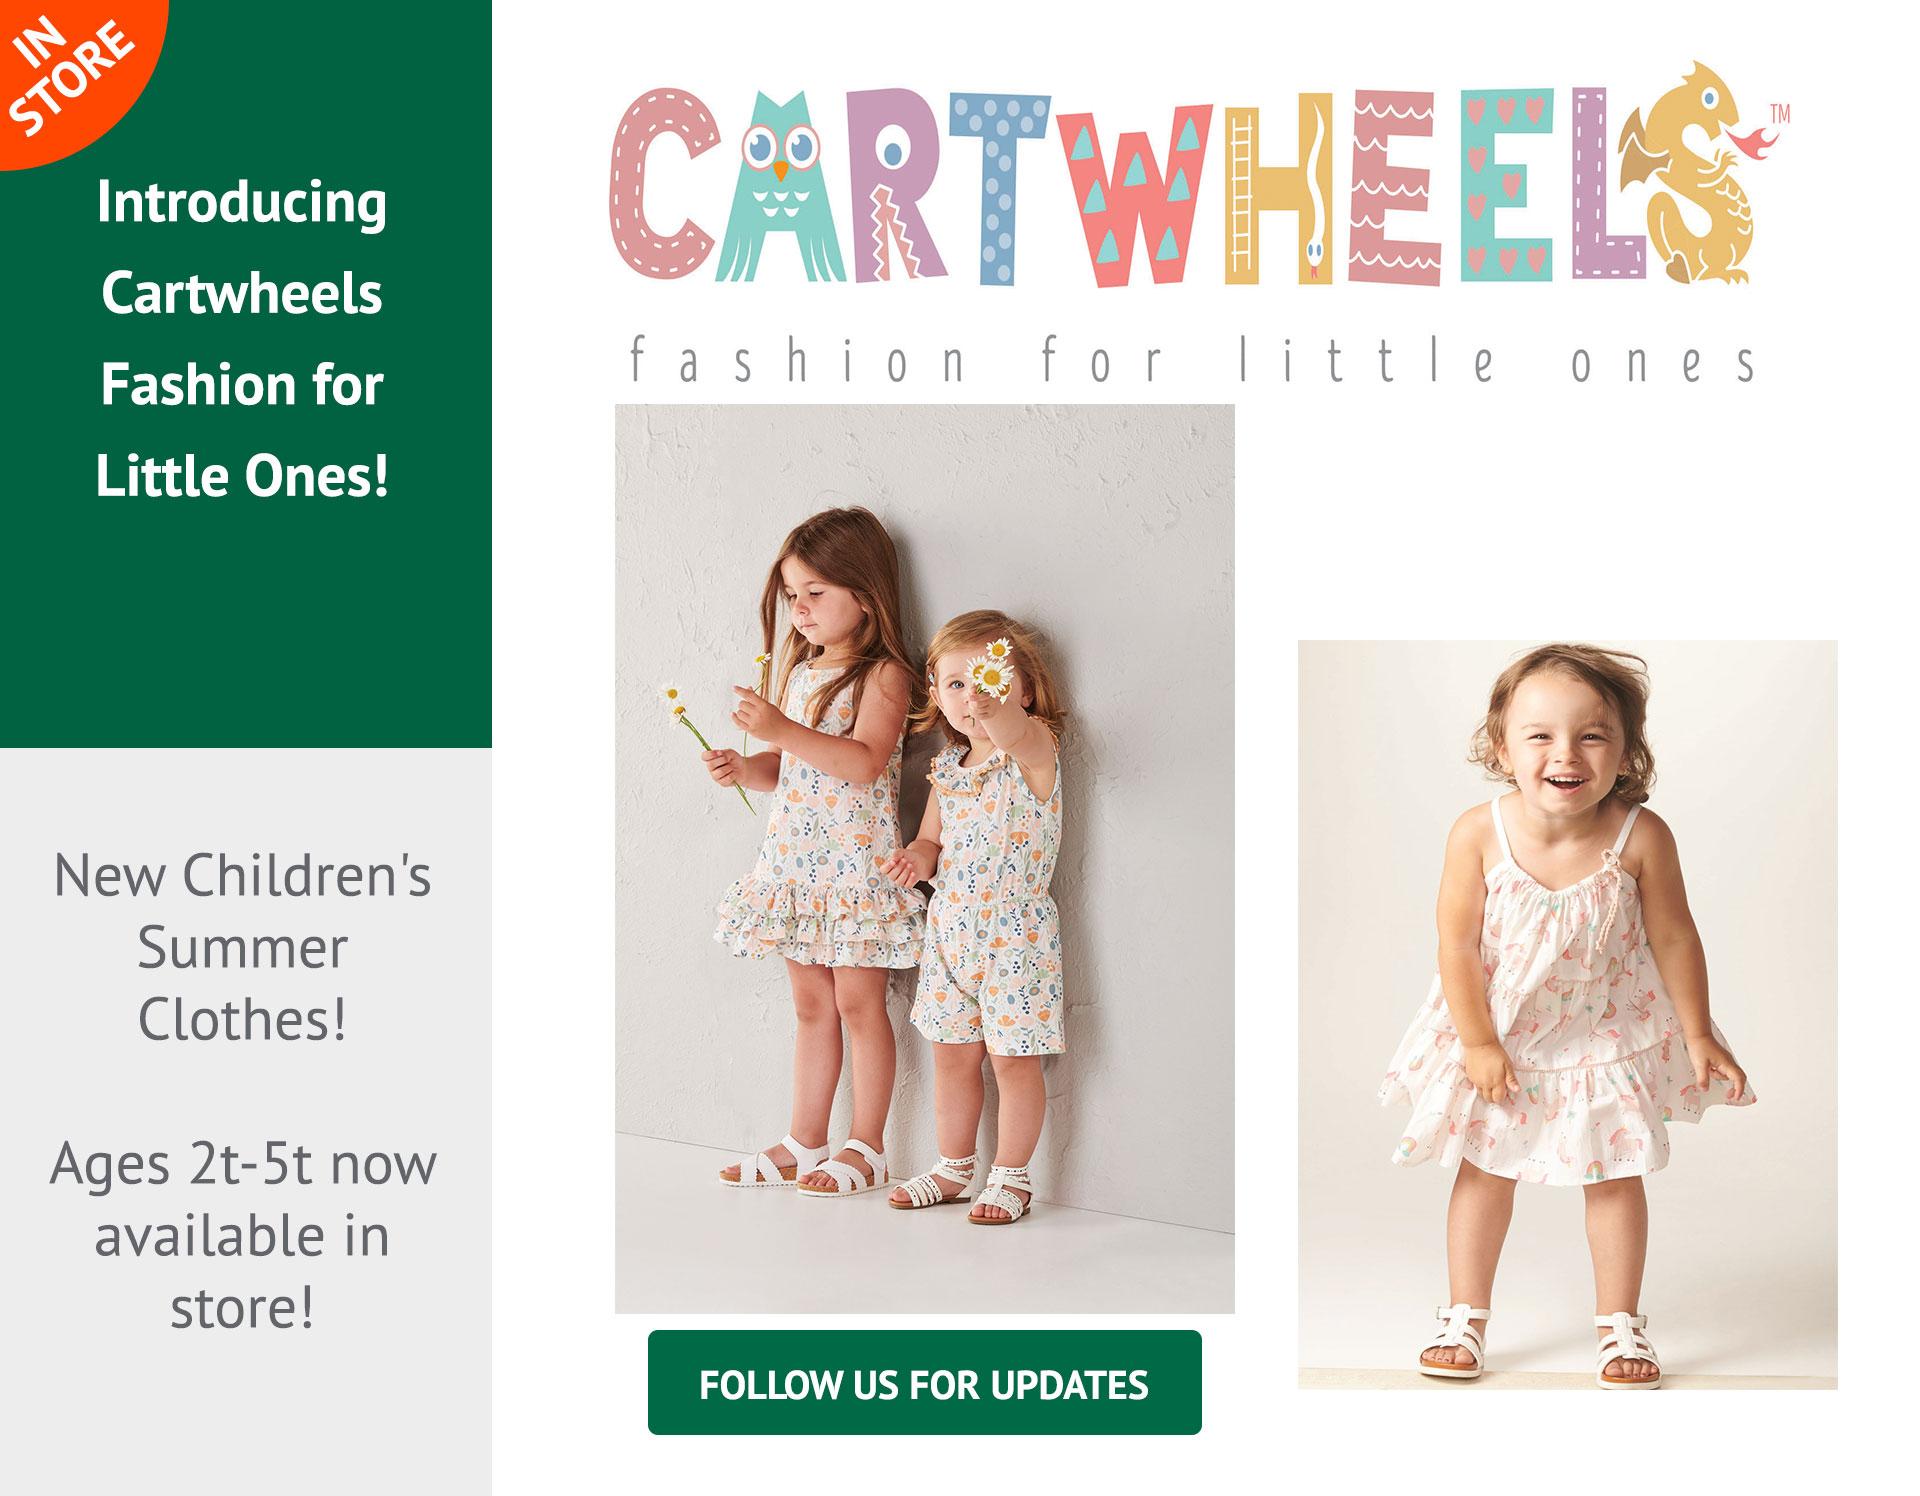 cartwheels clothing